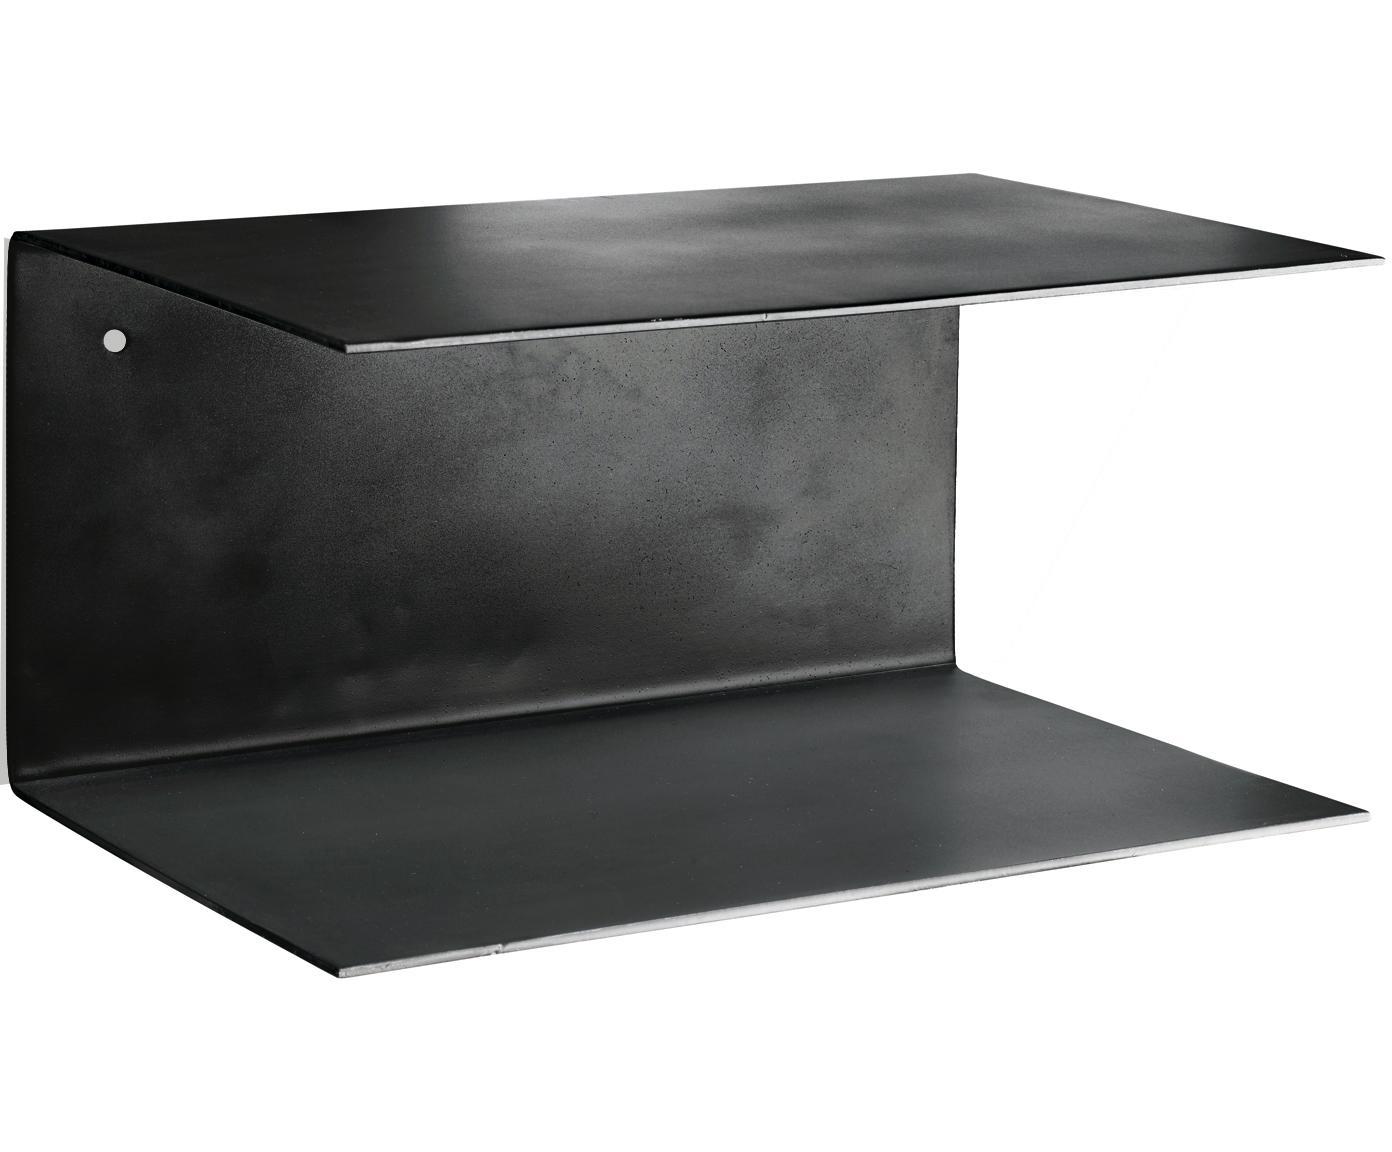 Estantería de pared Phantom, 2uds., Metal pintado, Negro, An 30 x Al 15 cm